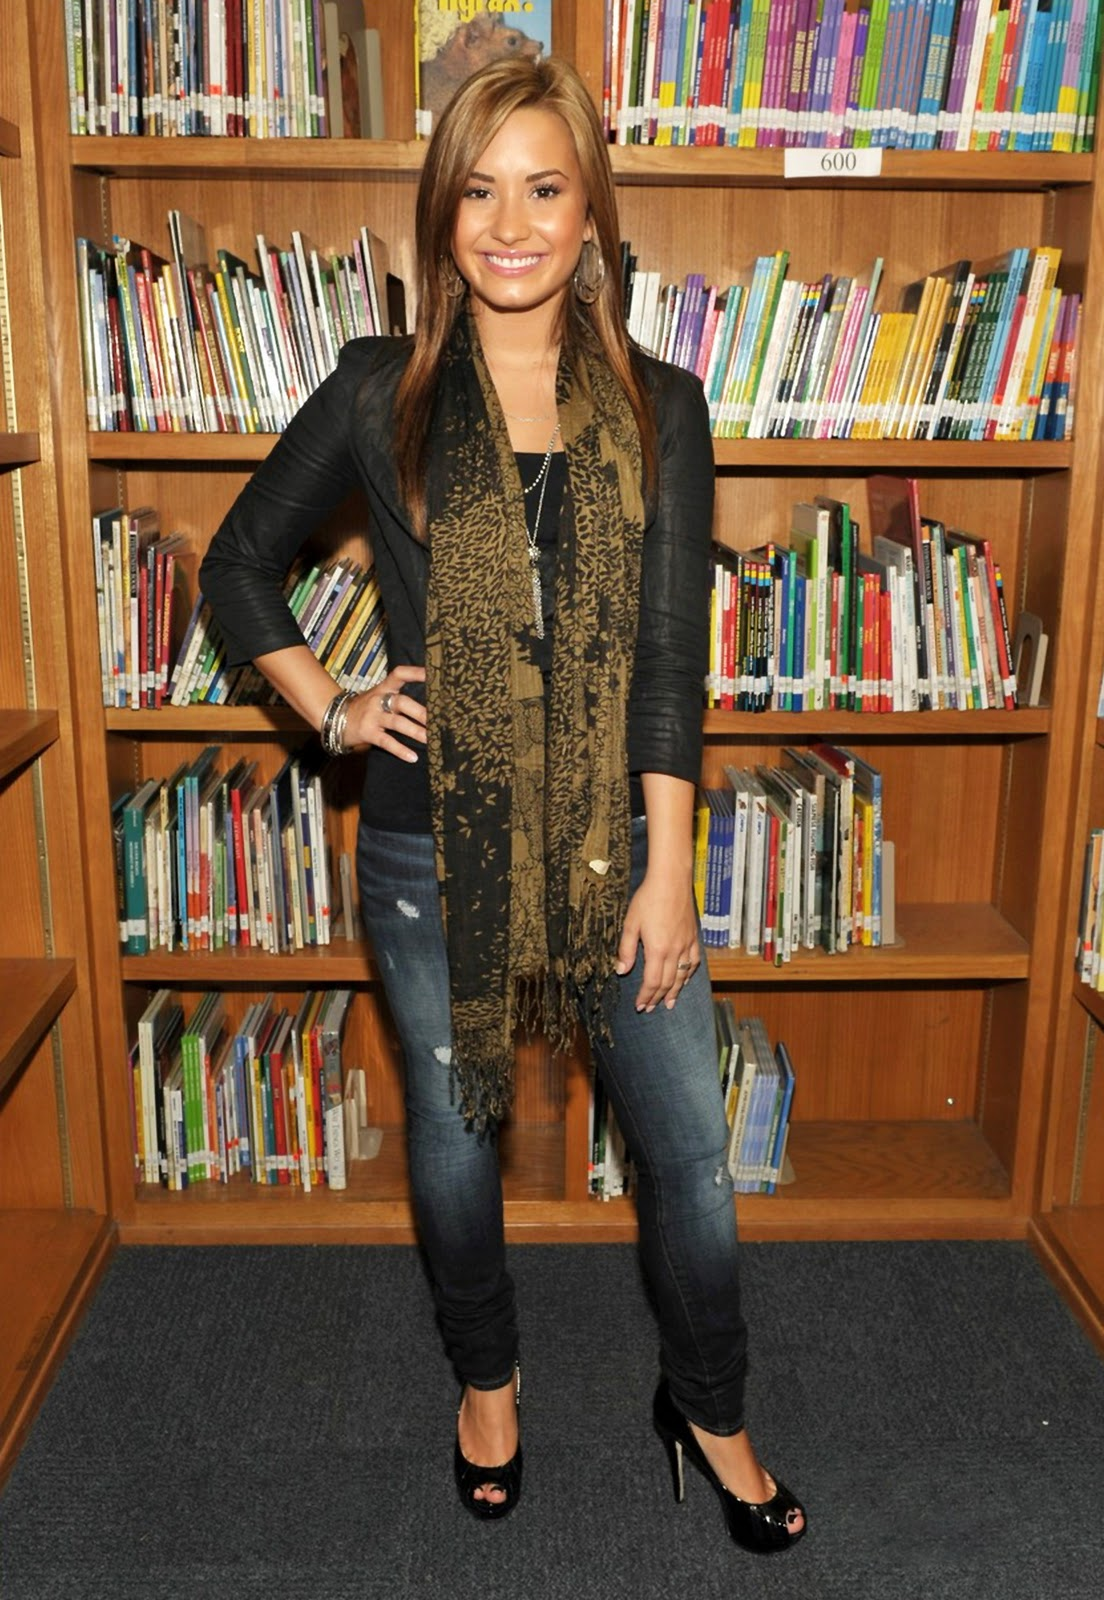 http://4.bp.blogspot.com/_1PLSuRNI8WU/TRSt1z5T-hI/AAAAAAAANmA/oPbPudJhfiQ/s1600/Demi+Lovato+%252821%2529.jpg